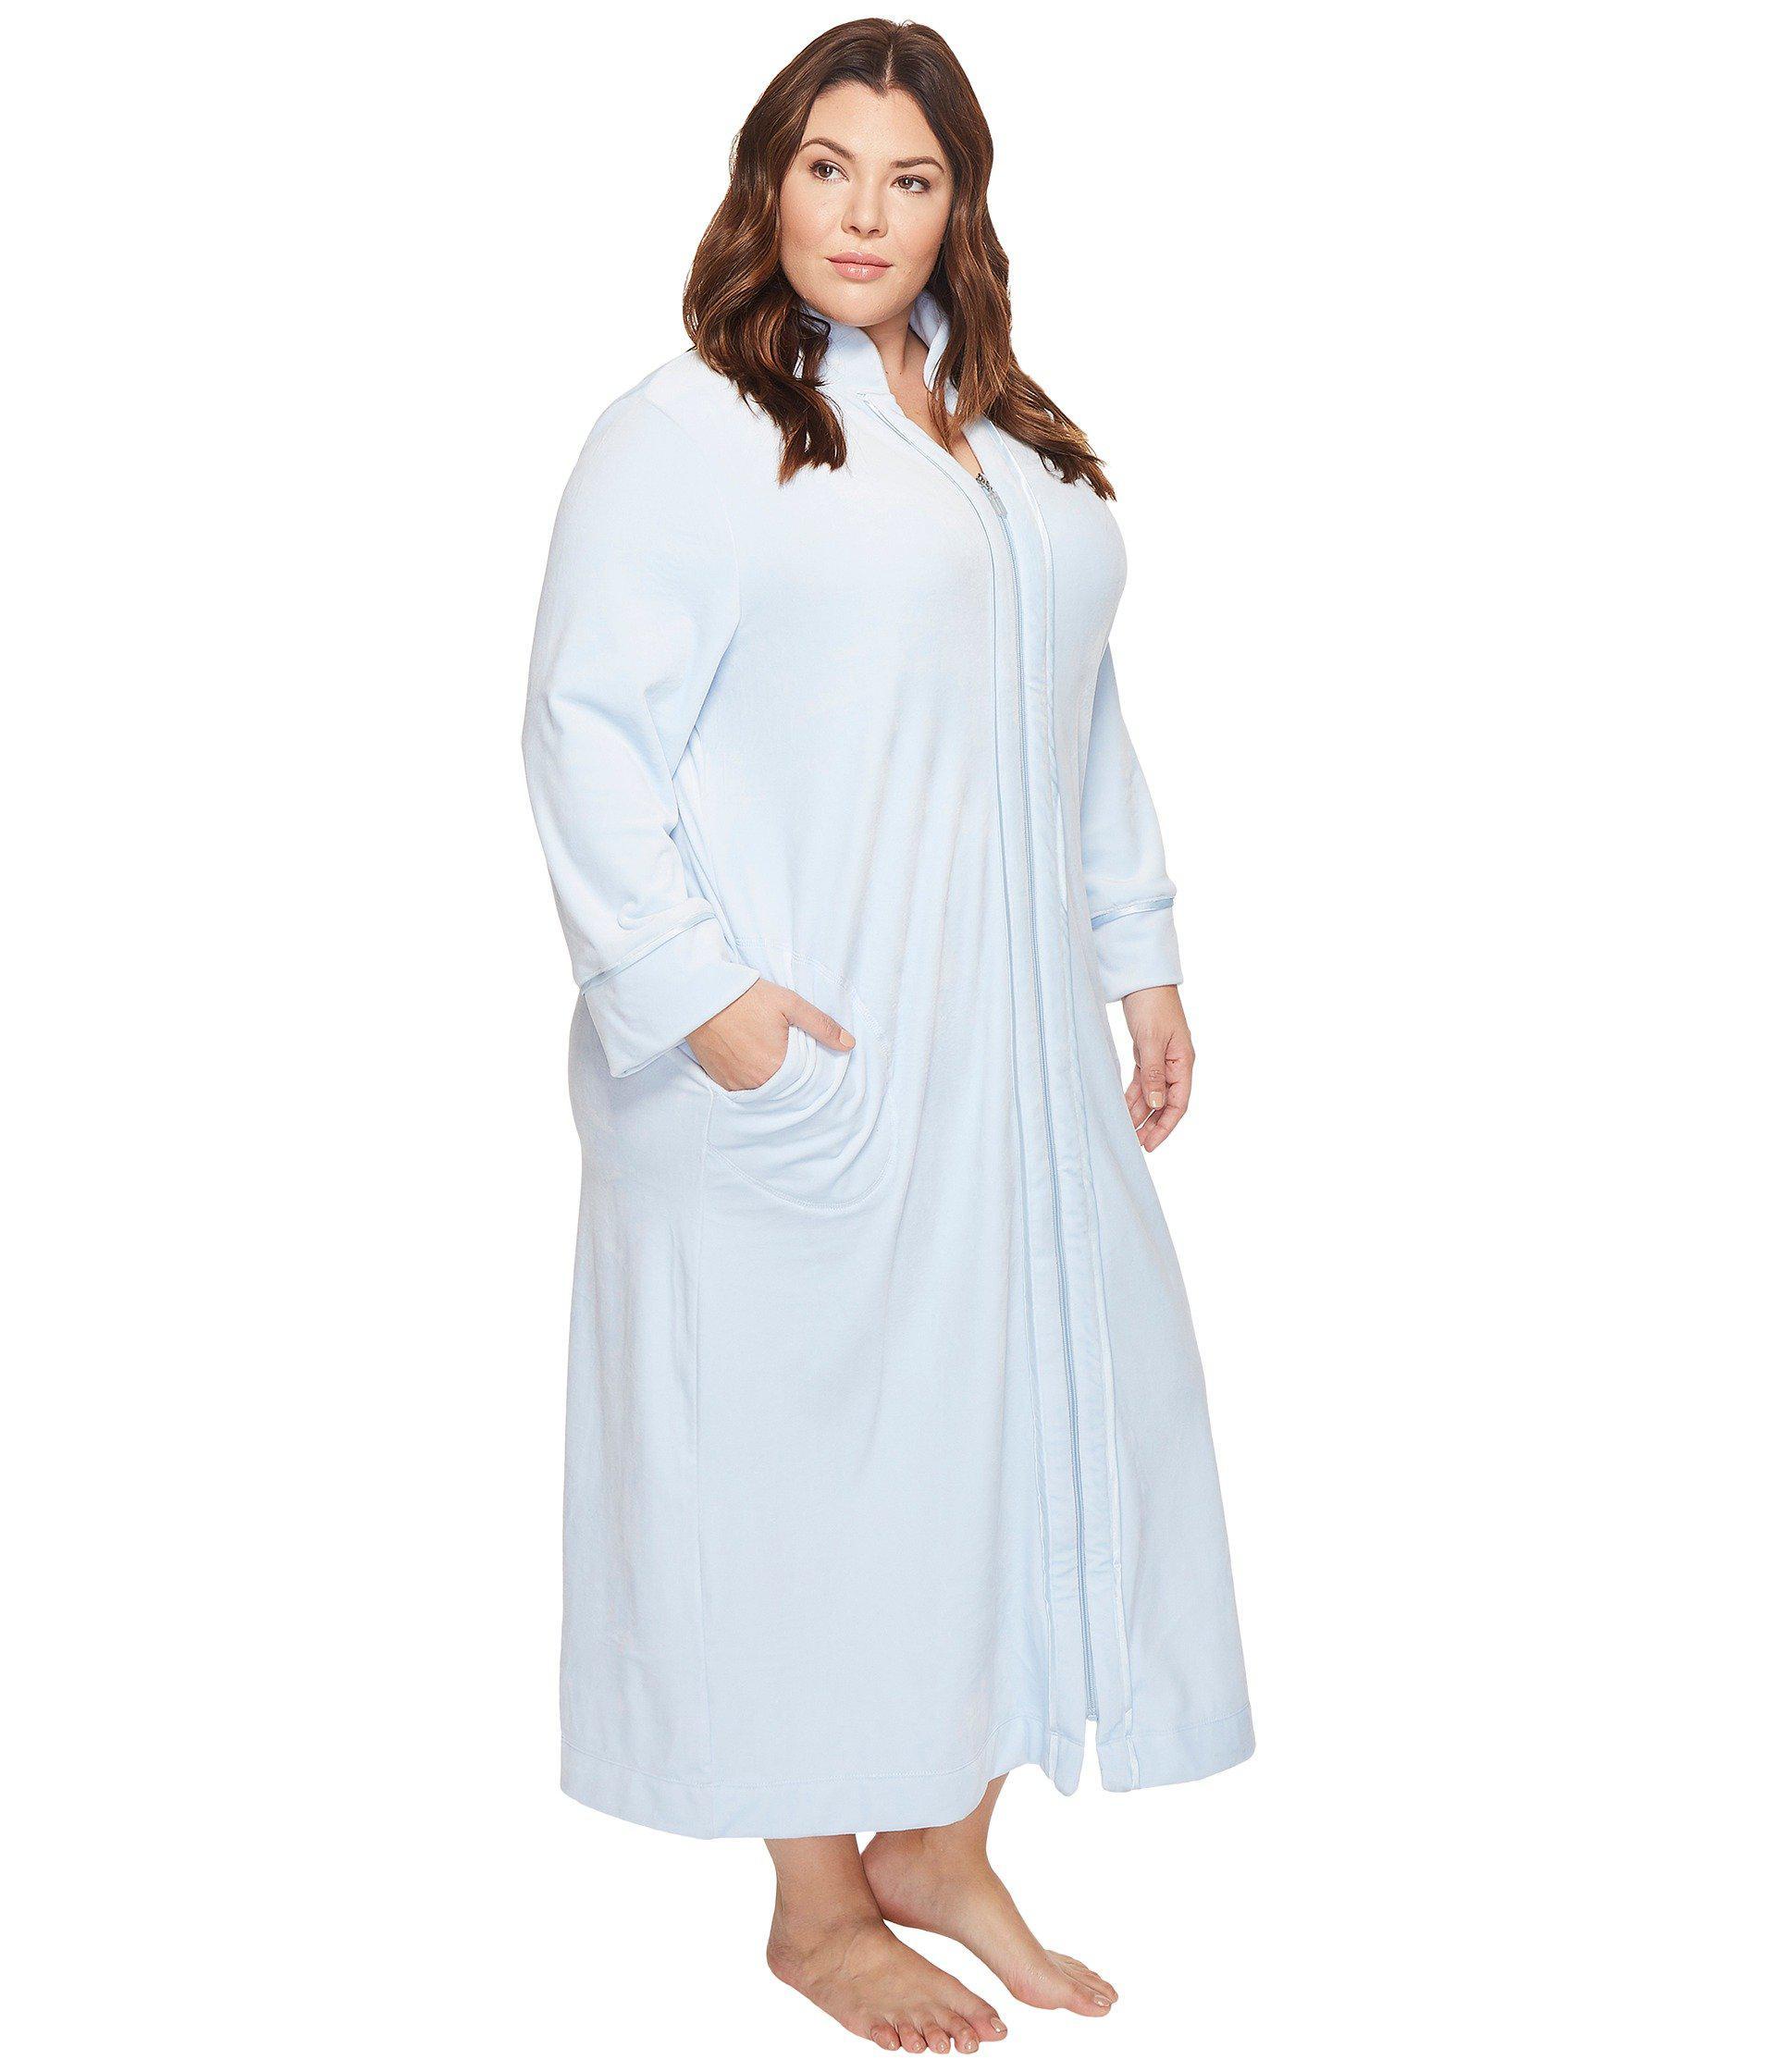 Lyst - Carole Hochman Plus Size Velvet Long Zip Robe in Blue